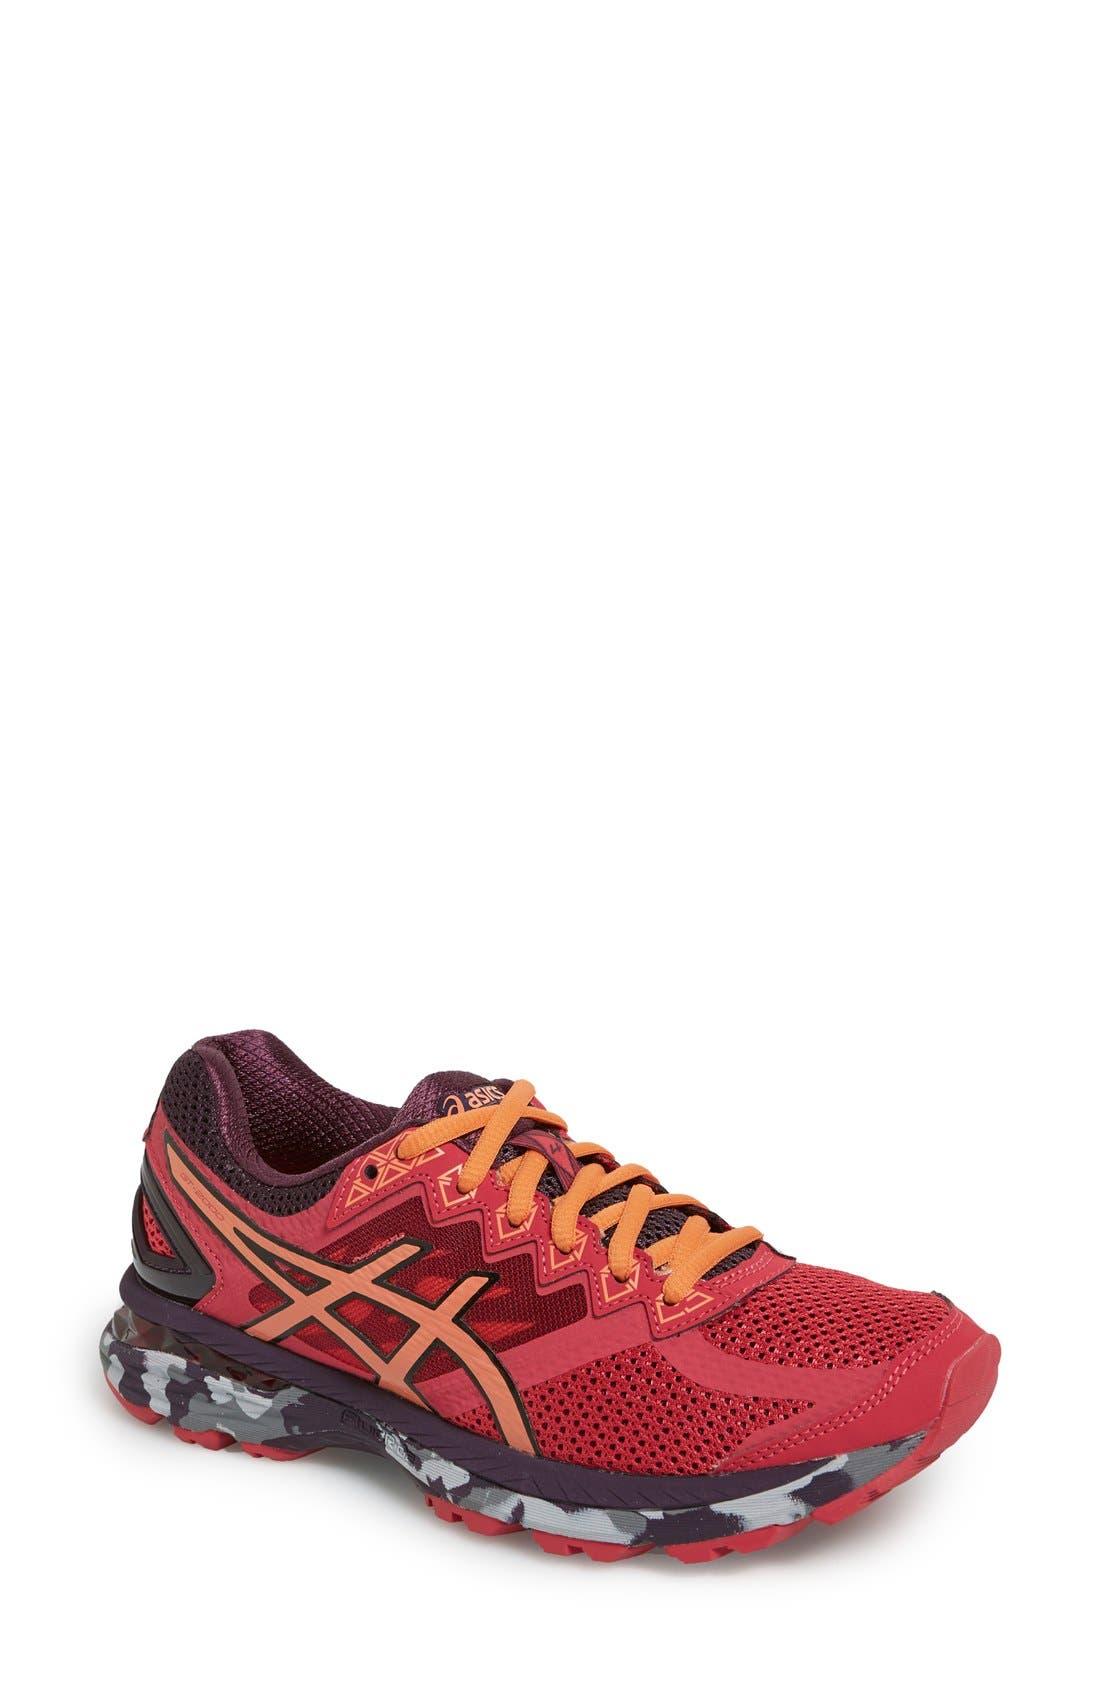 Alternate Image 1 Selected - ASICS® 'GT-2000 4' Trail Running Shoe (Women)